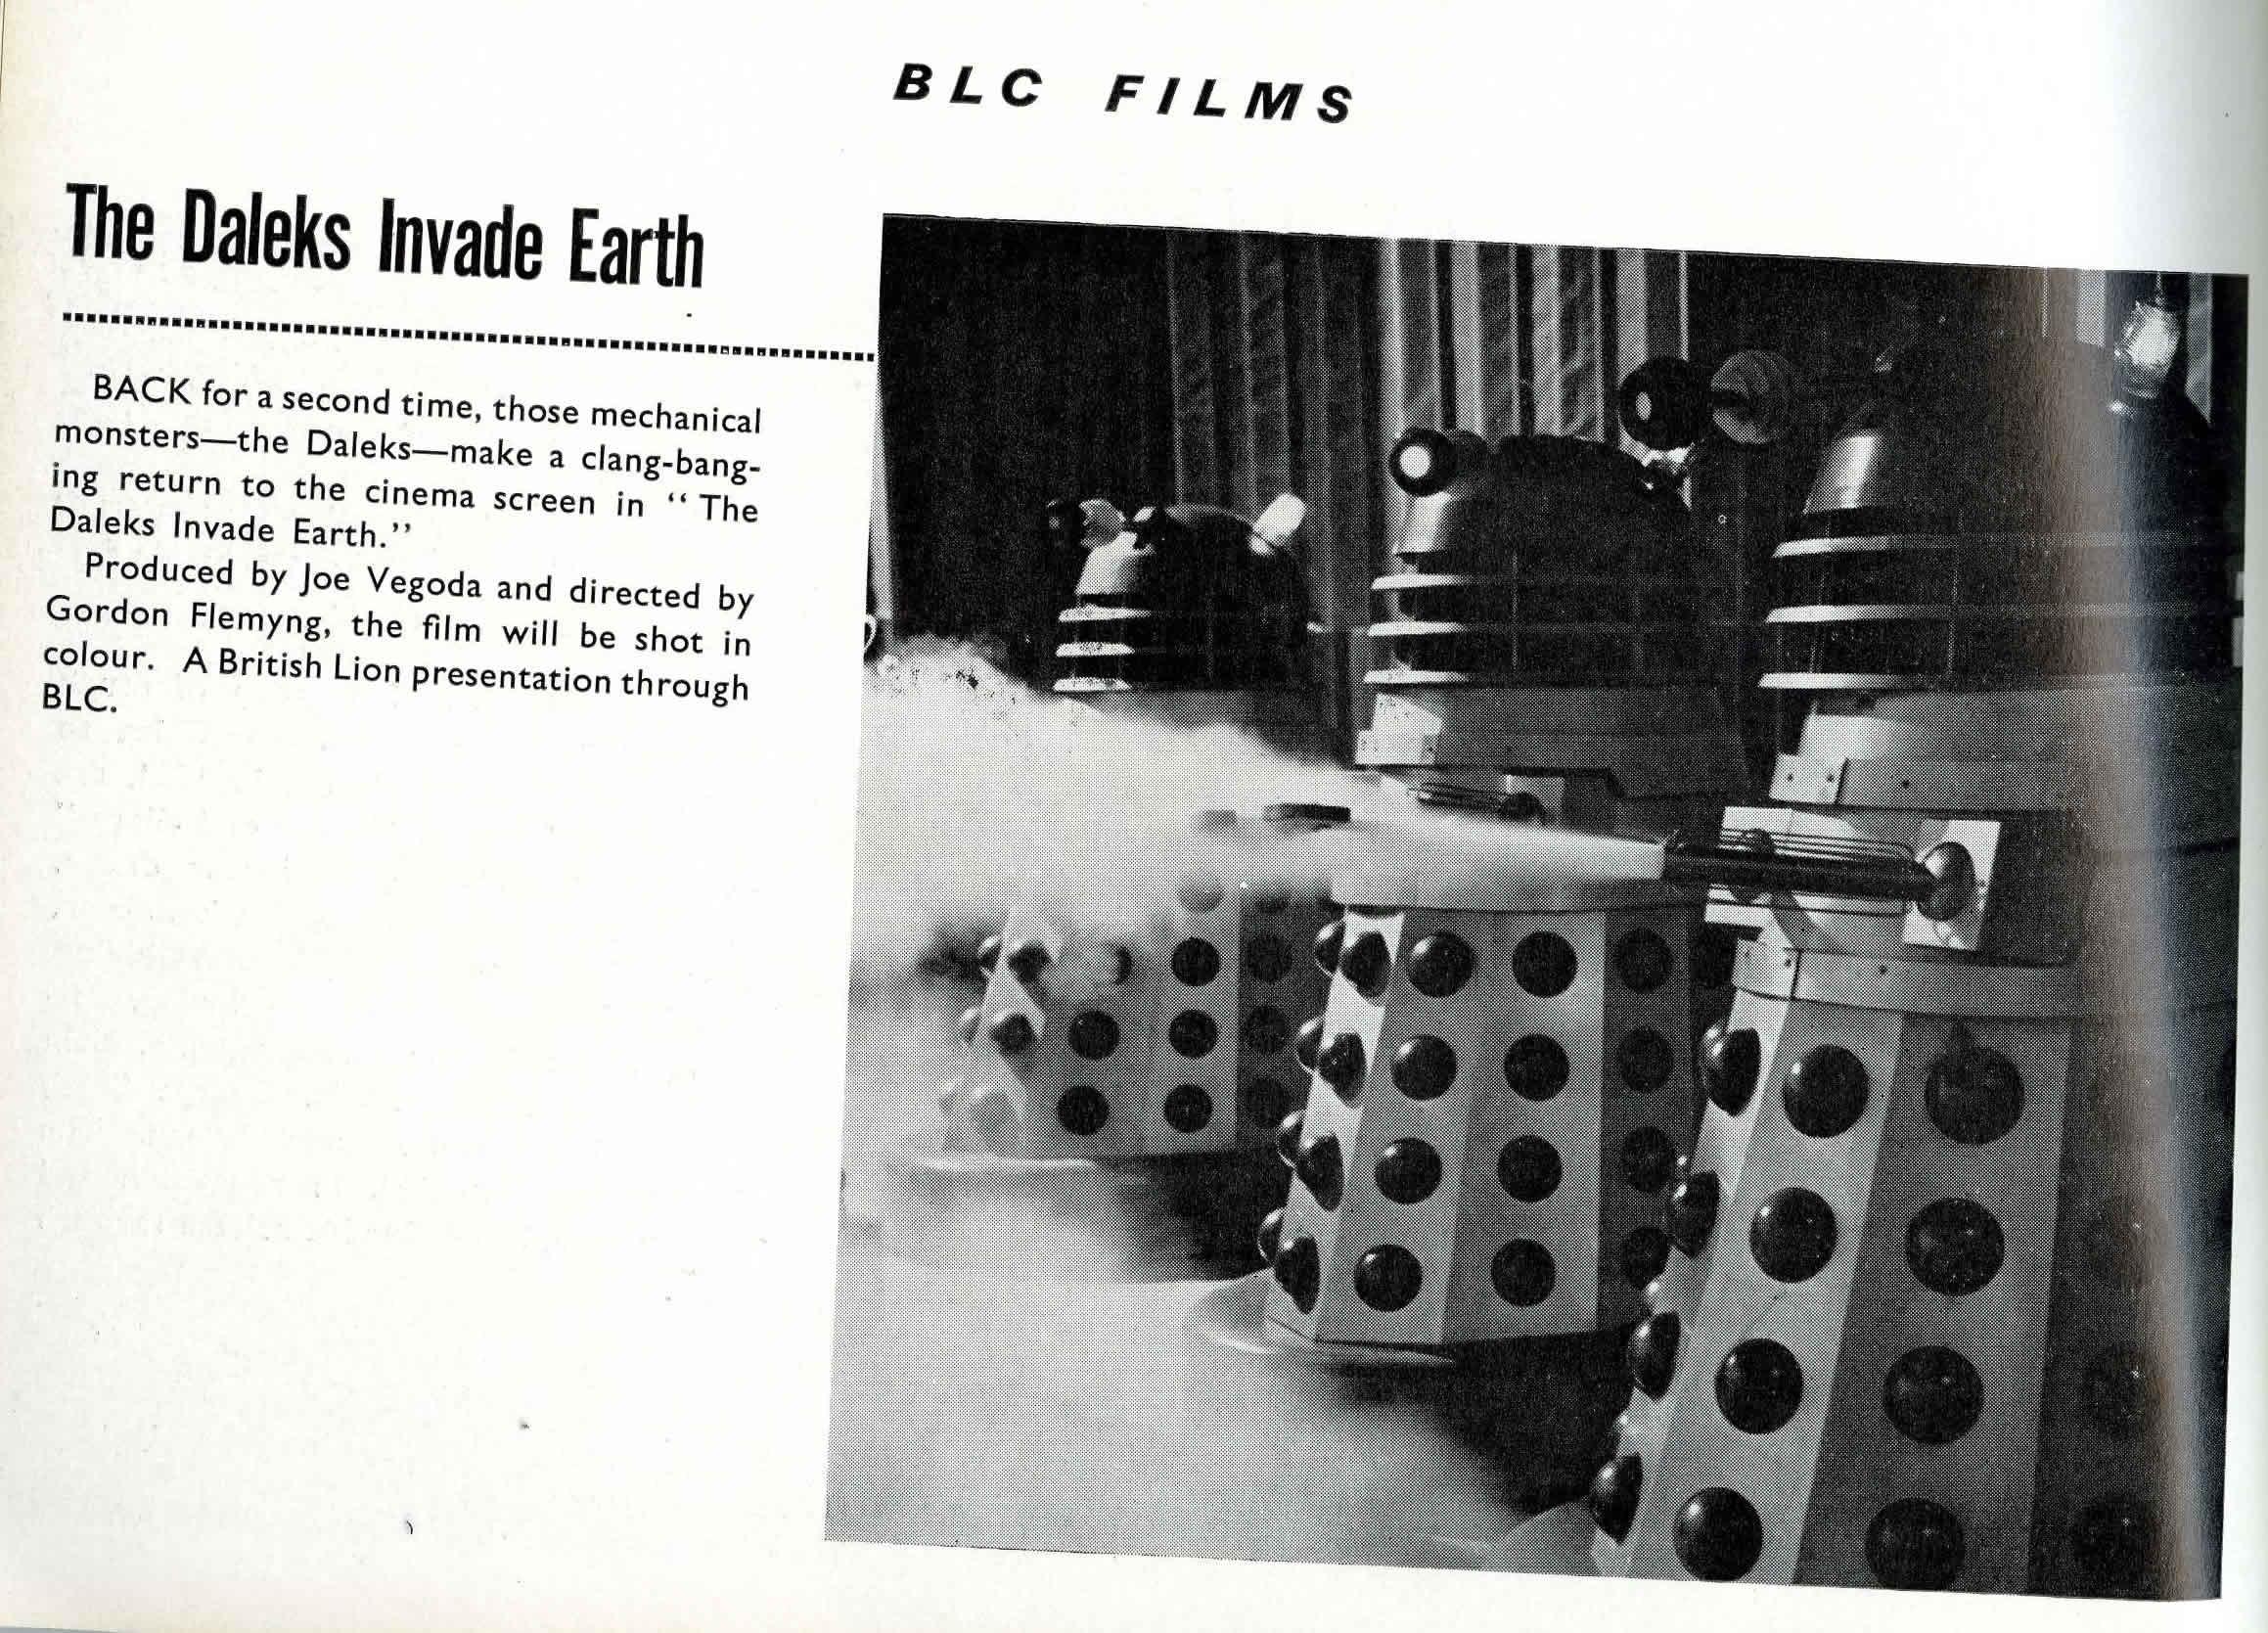 Kine Weekly, 16 December 1965